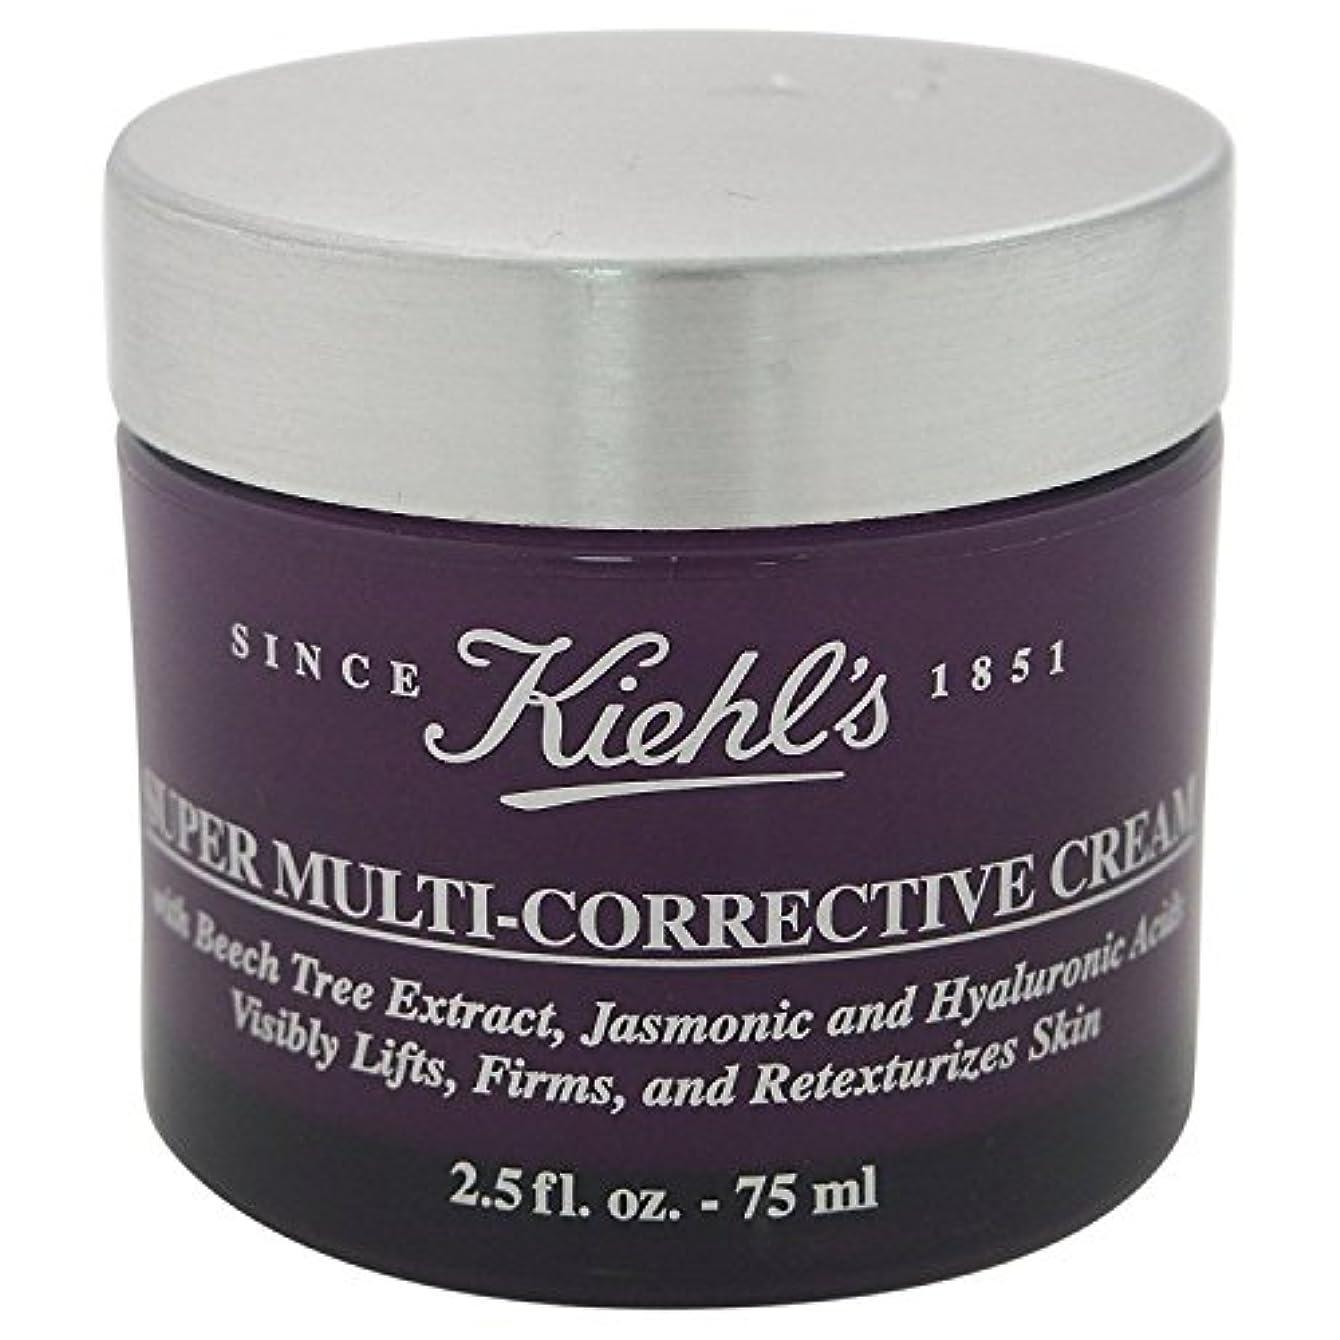 金属と遊ぶビタミンキールズ(Kiehl's) スーパー マルチ コレクティブ クリーム 75ml [並行輸入品]